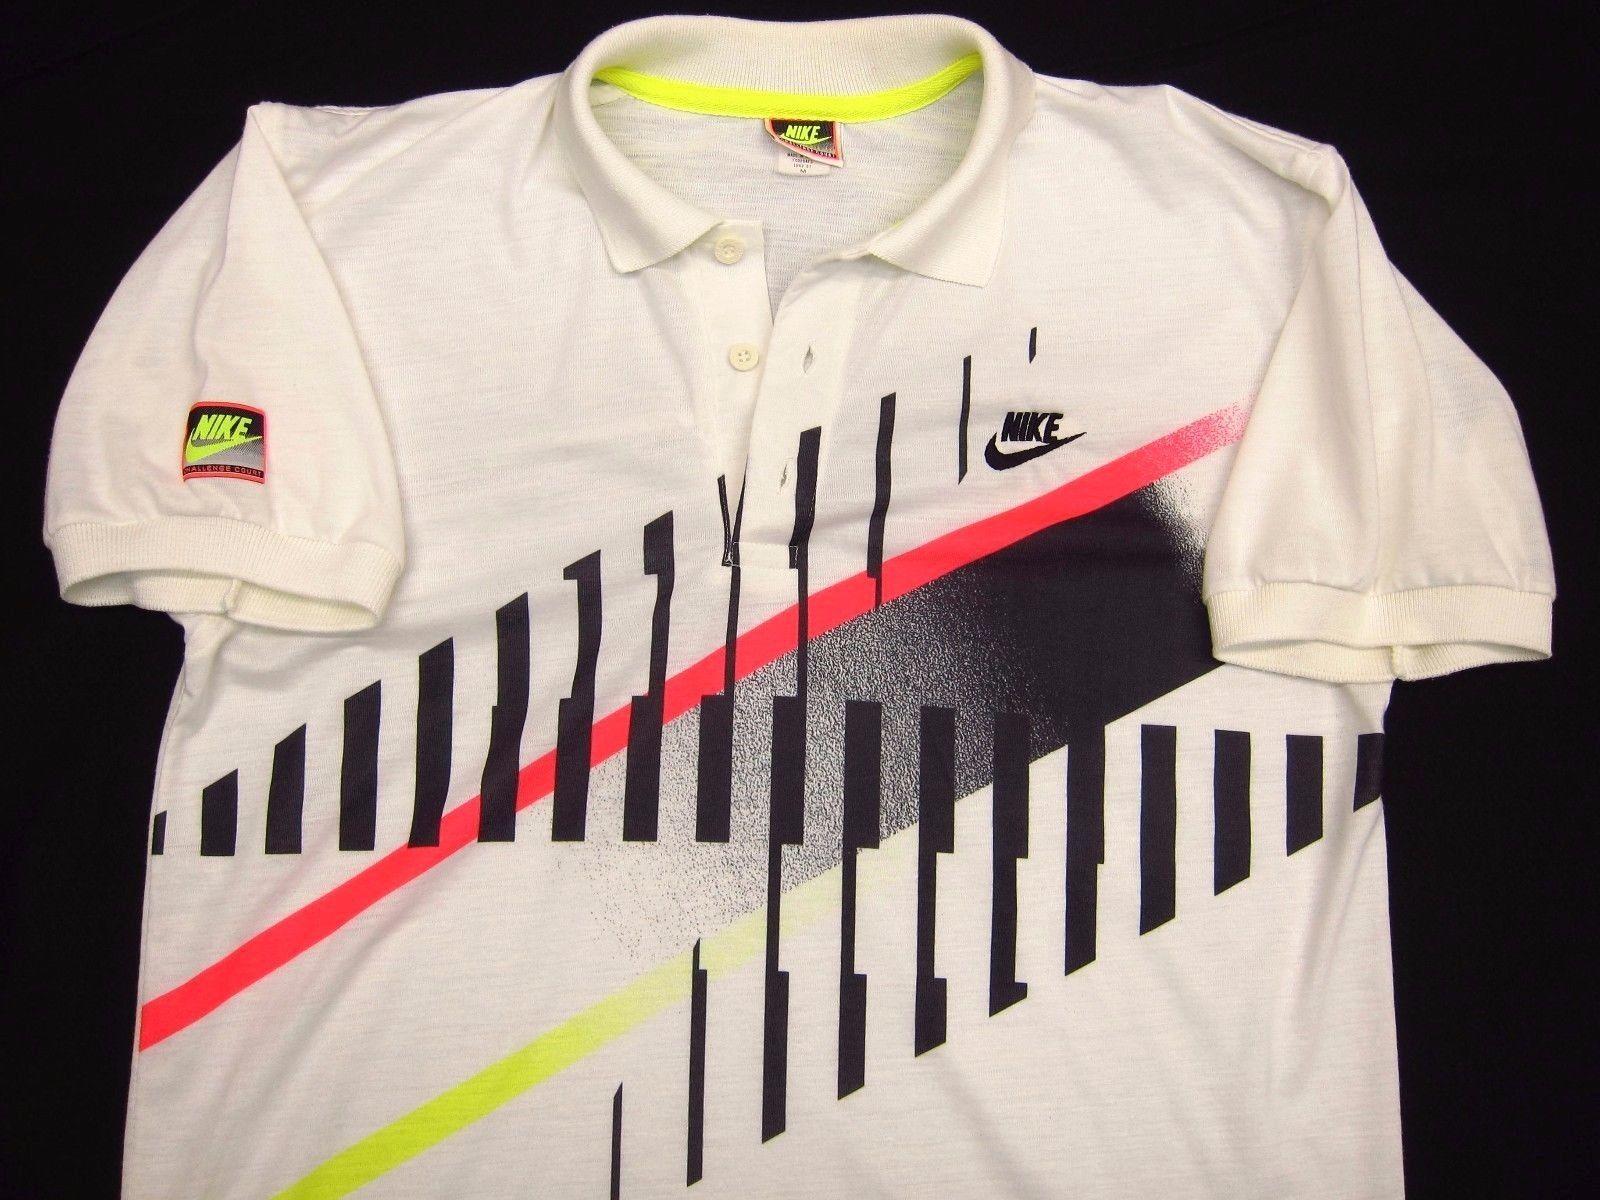 Original Vintage NIKE CHALLENGE COURT Andre Agassi Tennis